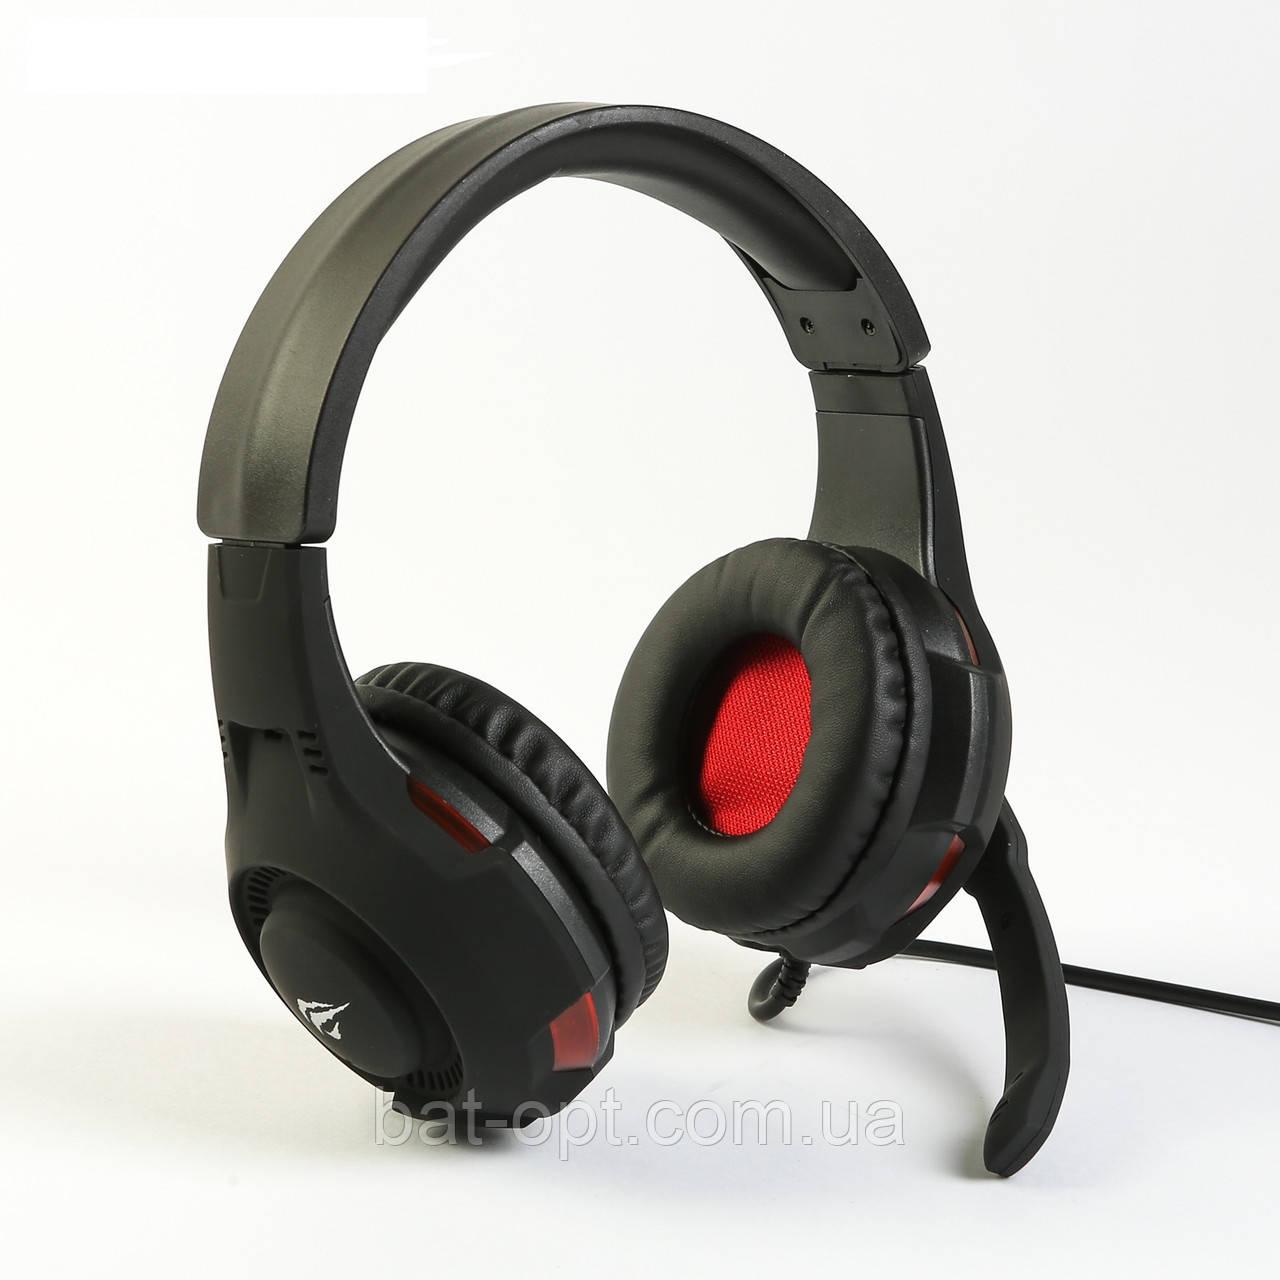 Наушники HAVIT HV-H2013D GAMING, чёрно-красные